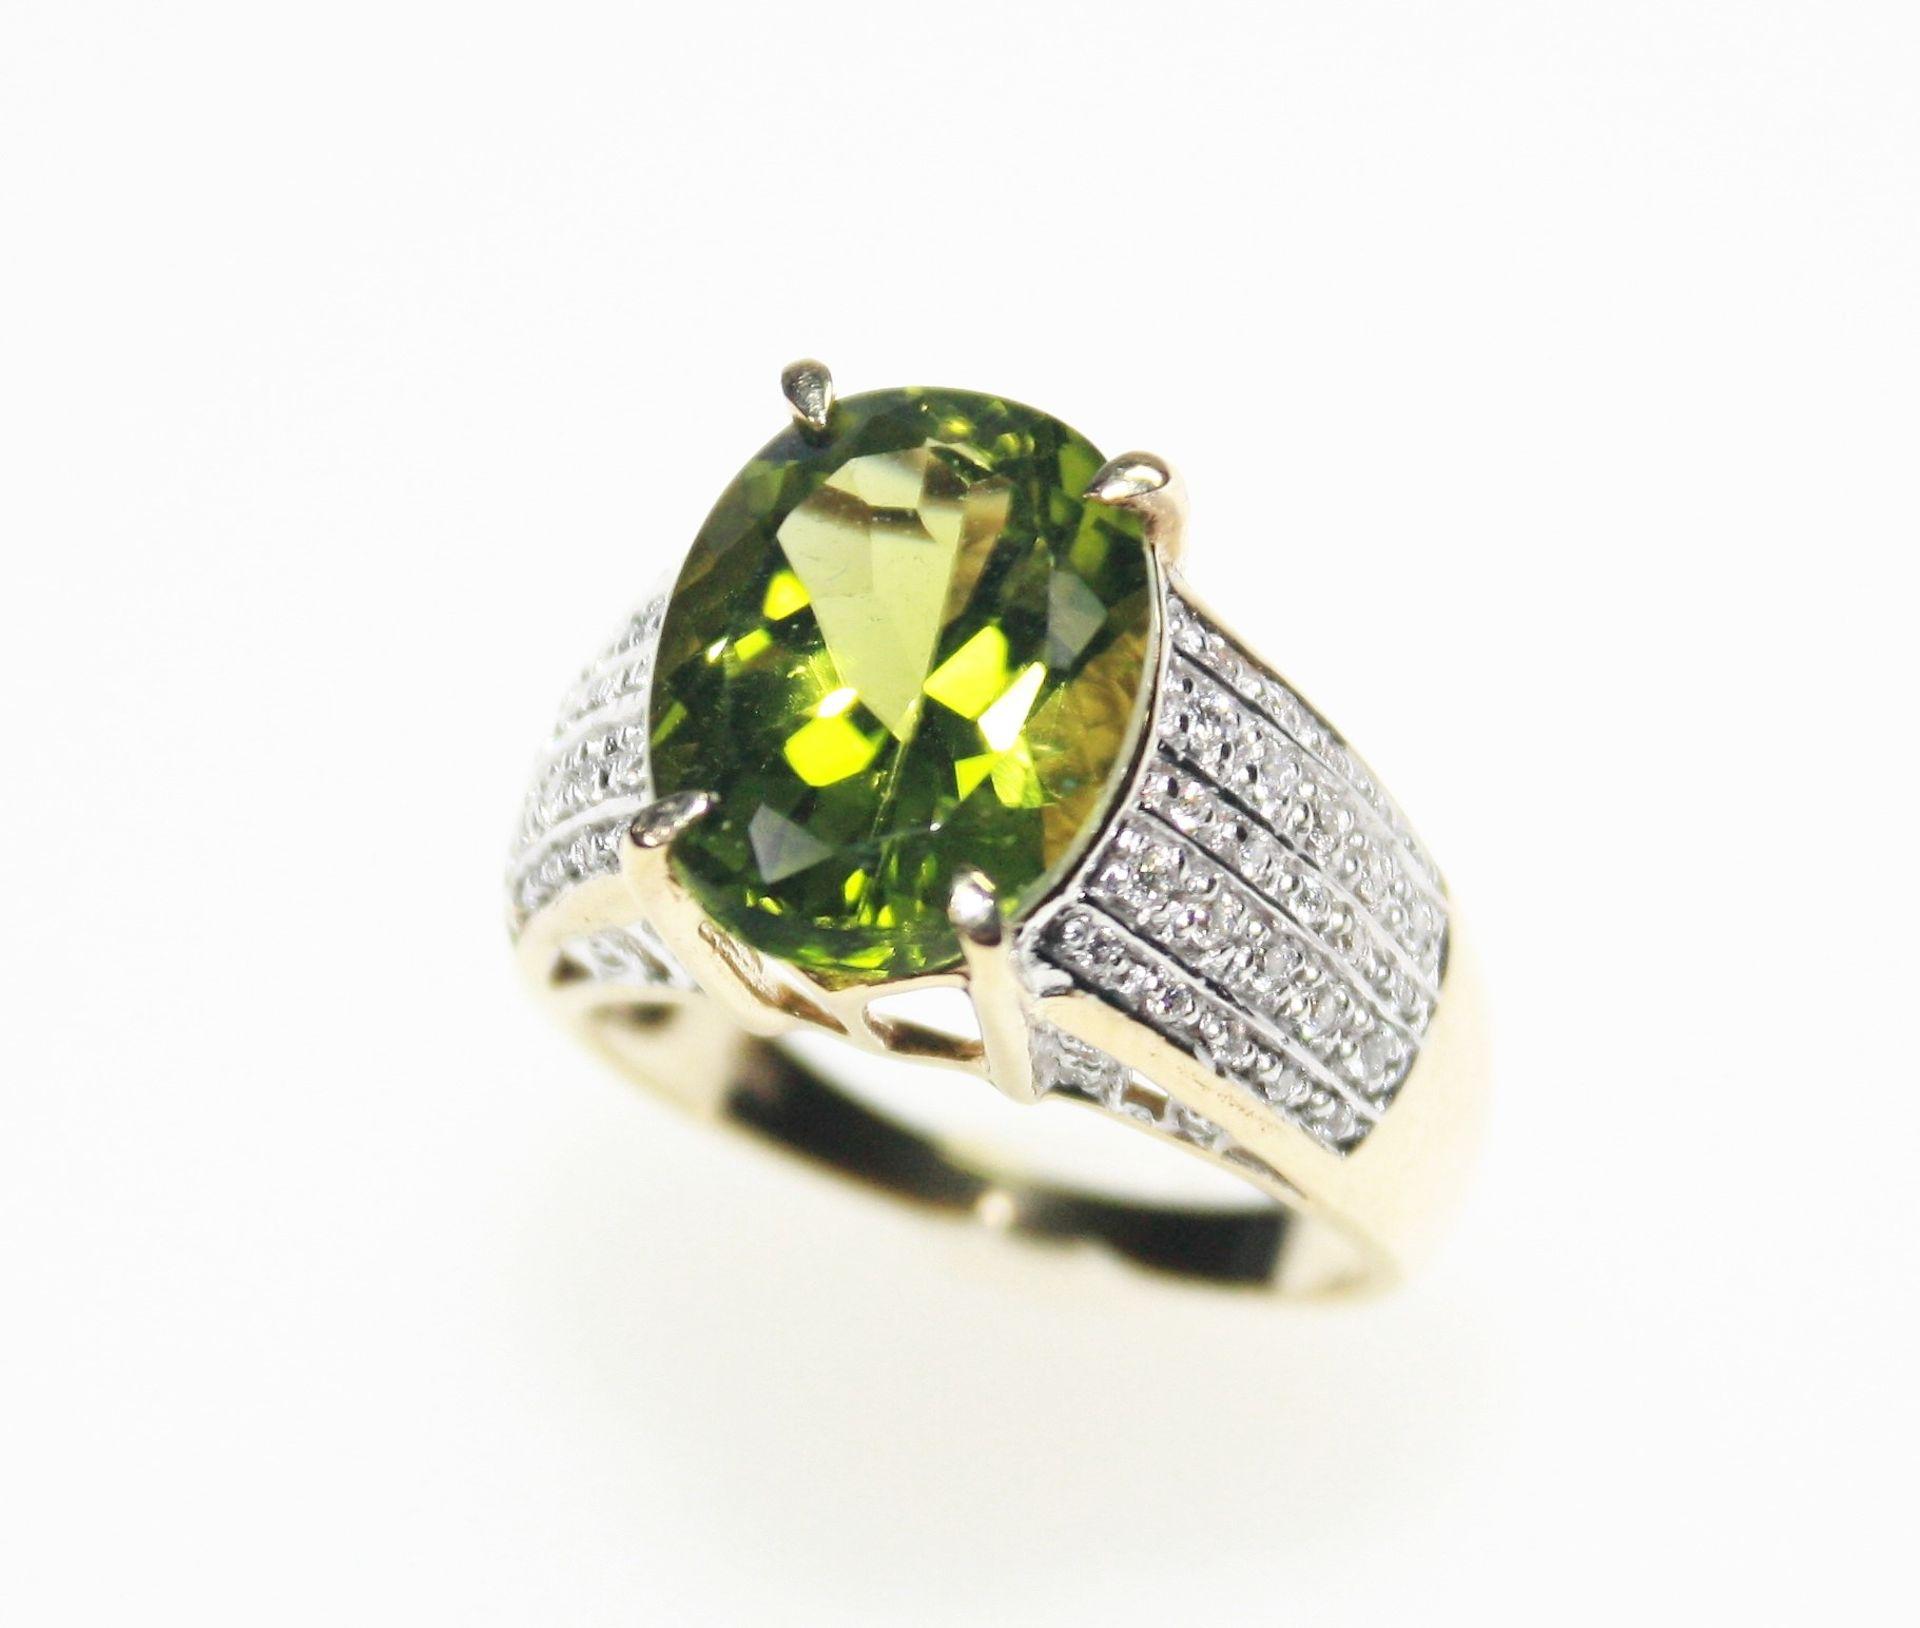 Goldener Ring 750/f gest., hoch gearbeiteter Ringkopf mit einem oval facettierten Peridot,